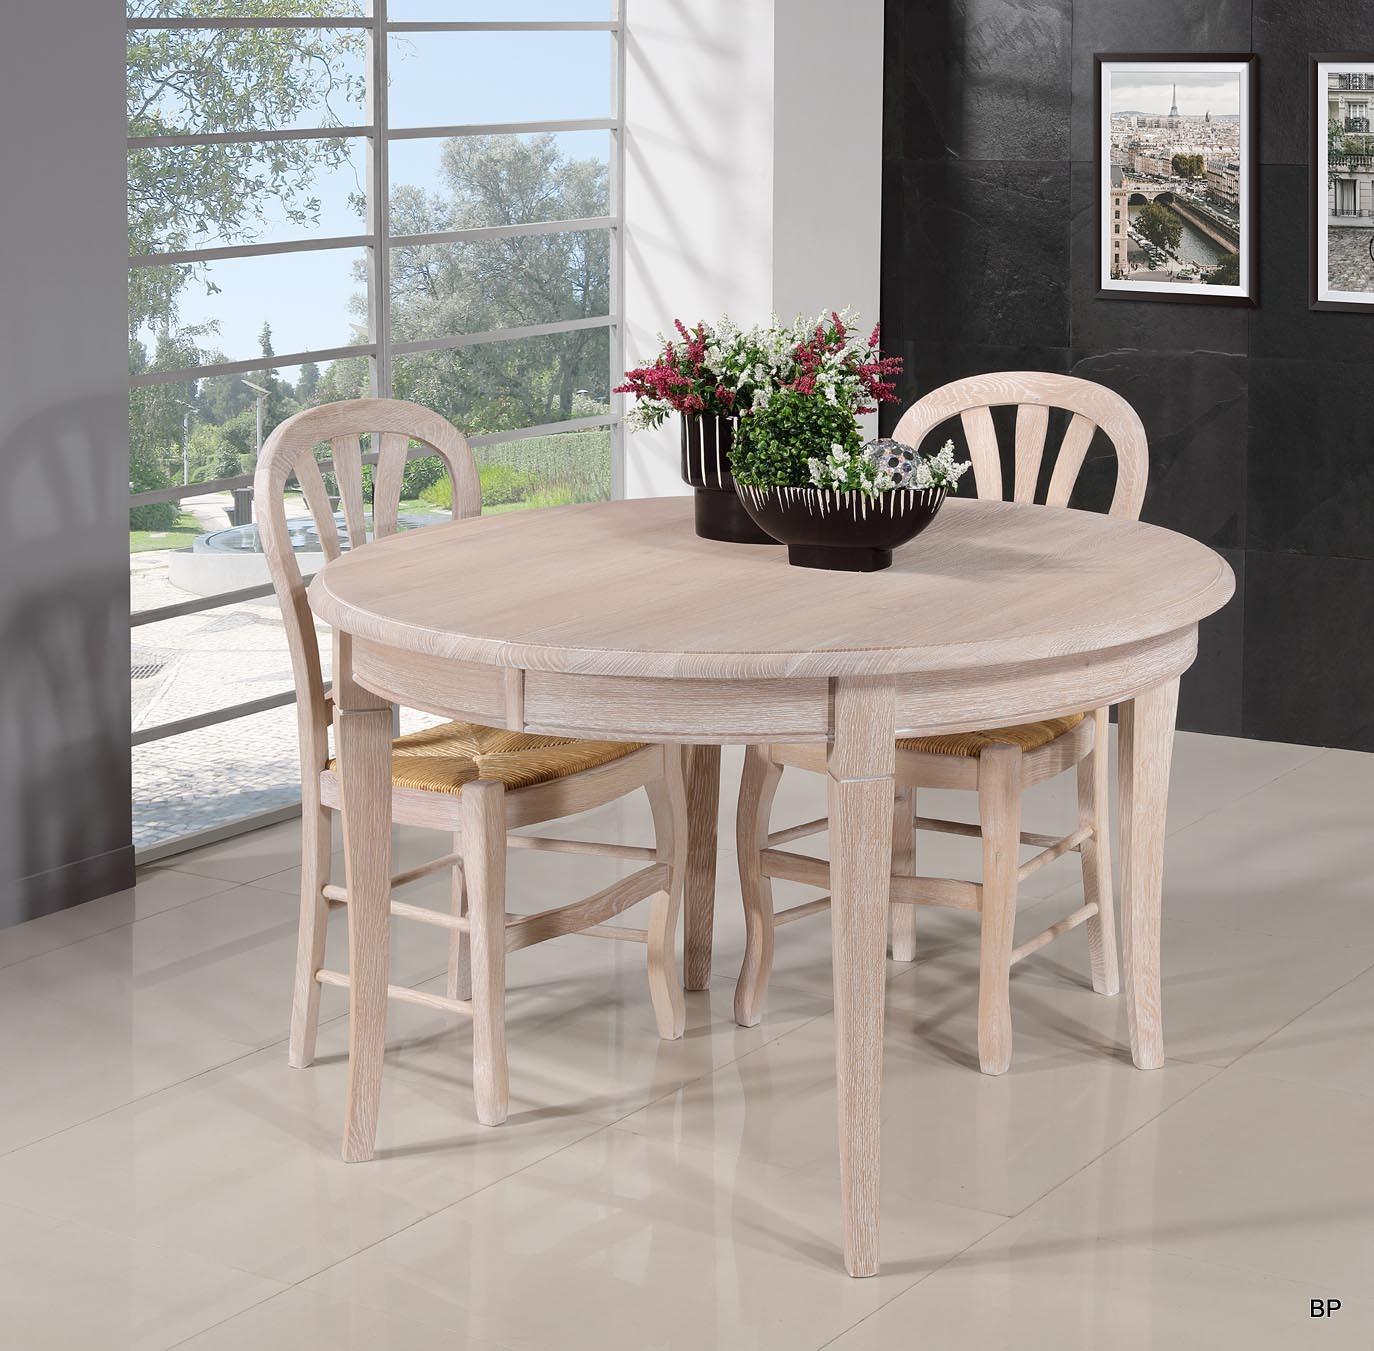 a6539604239f19 Table ronde Fabien réalisée en Chêne massif de style Louis Philippe  Diamètre 120 + 5 allonges